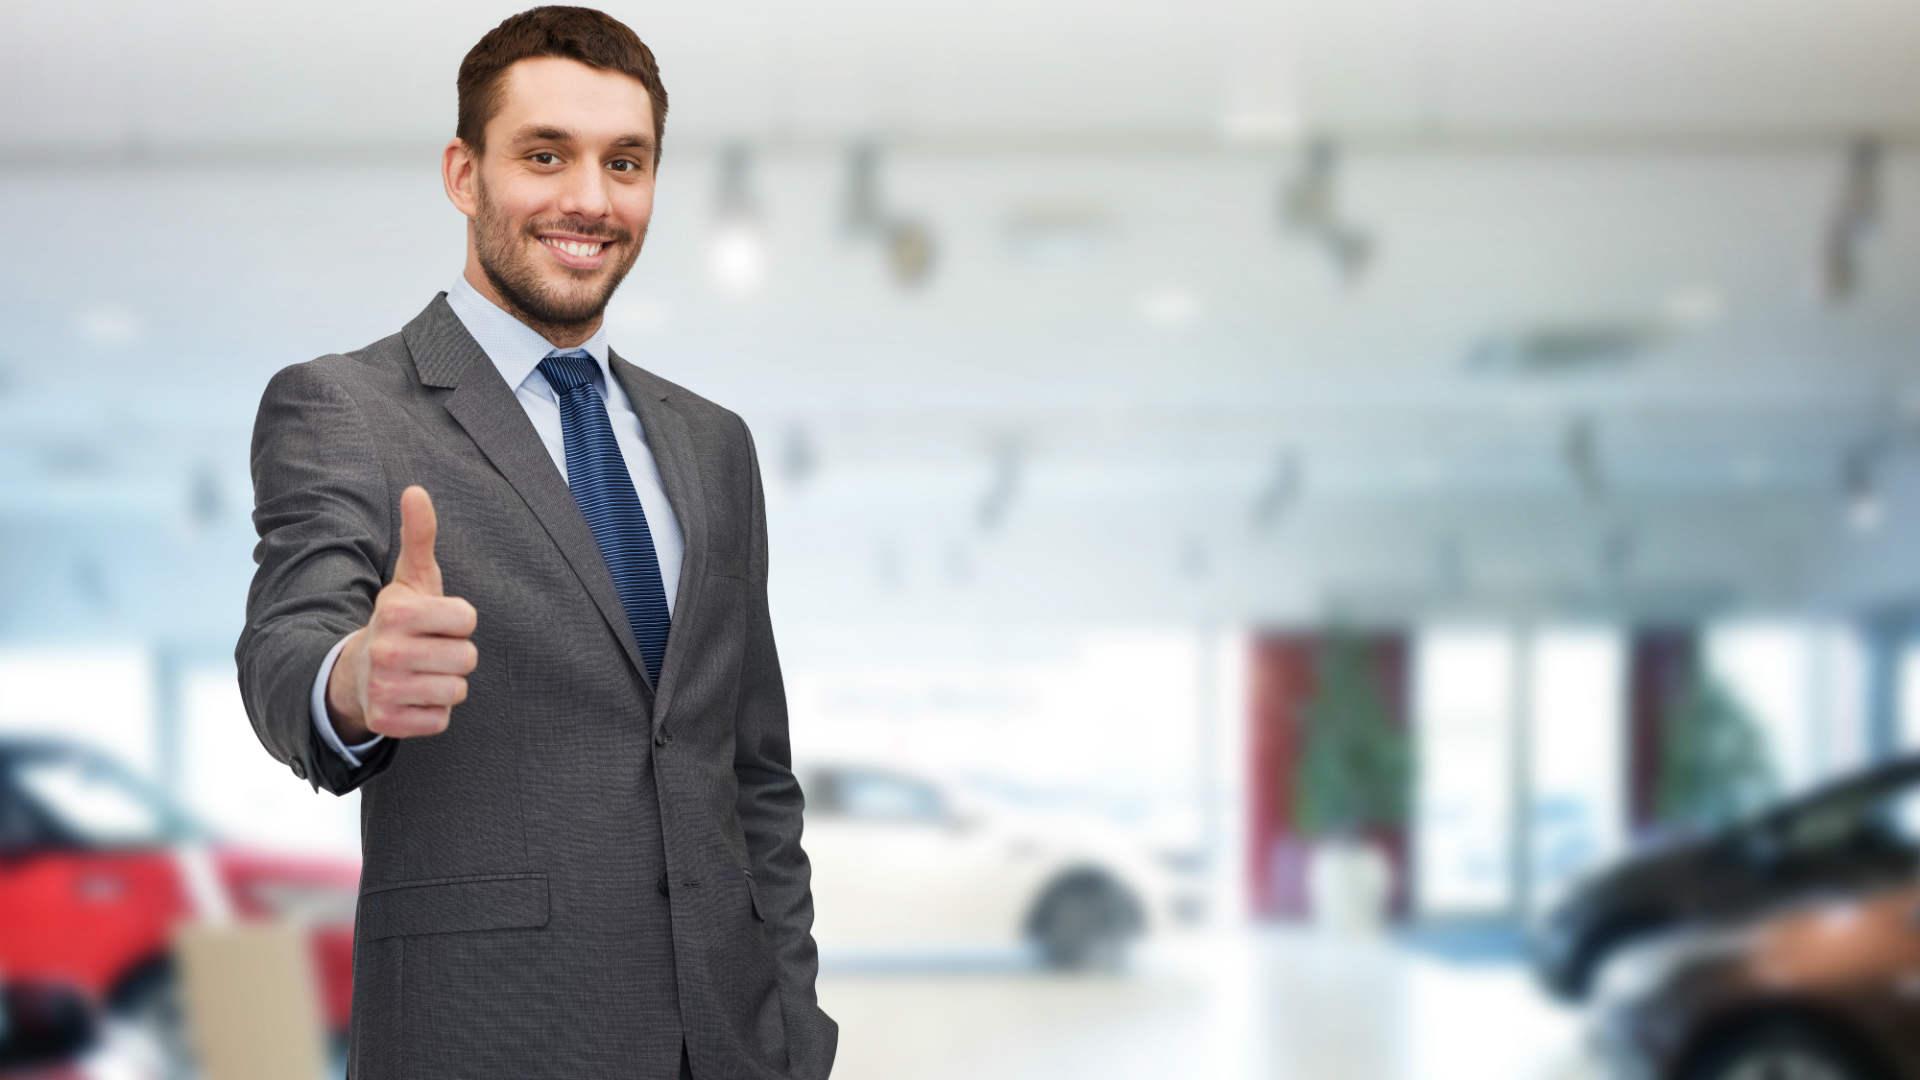 Car dealer online reputation